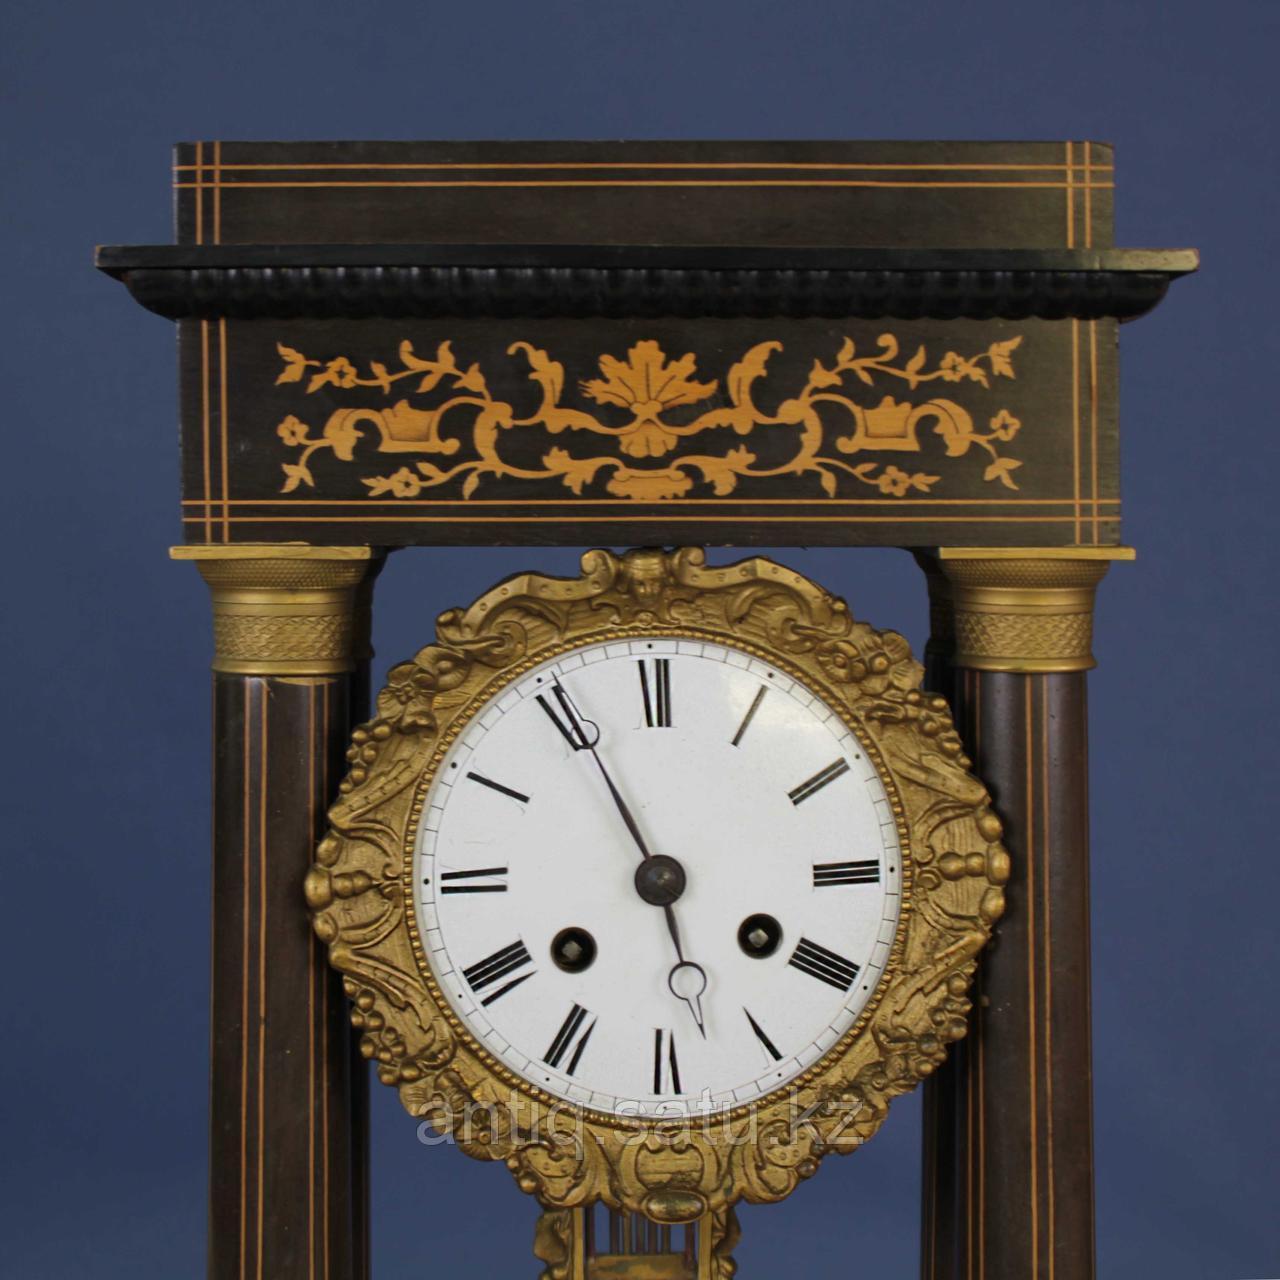 Кабинетные часы в стиле Карла Х. Часовая мастерская Samuel Marti & Cie - фото 5